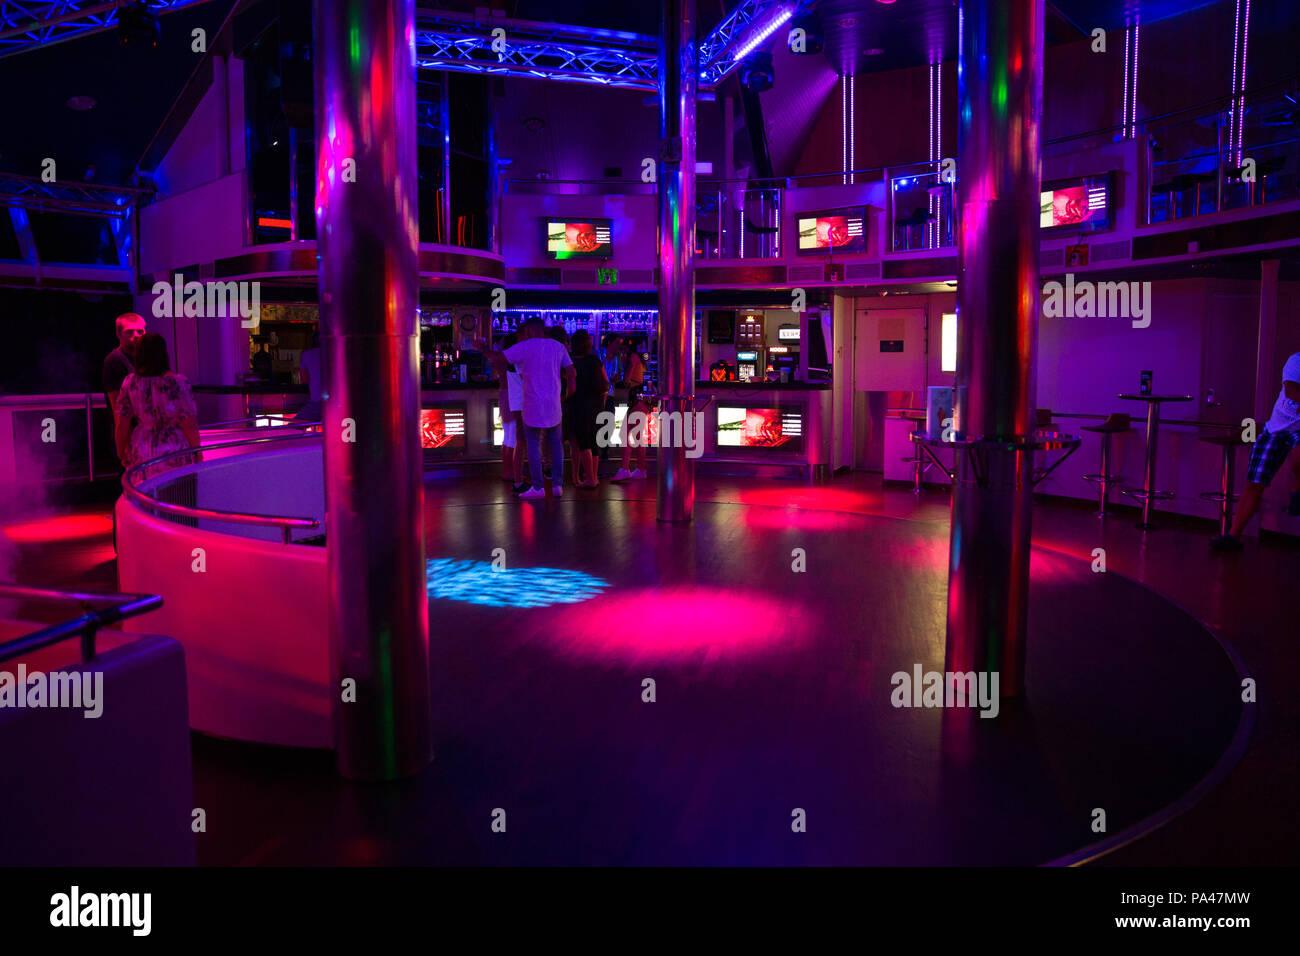 Disco Ball Lights Imágenes De Stock & Disco Ball Lights Fotos De ...